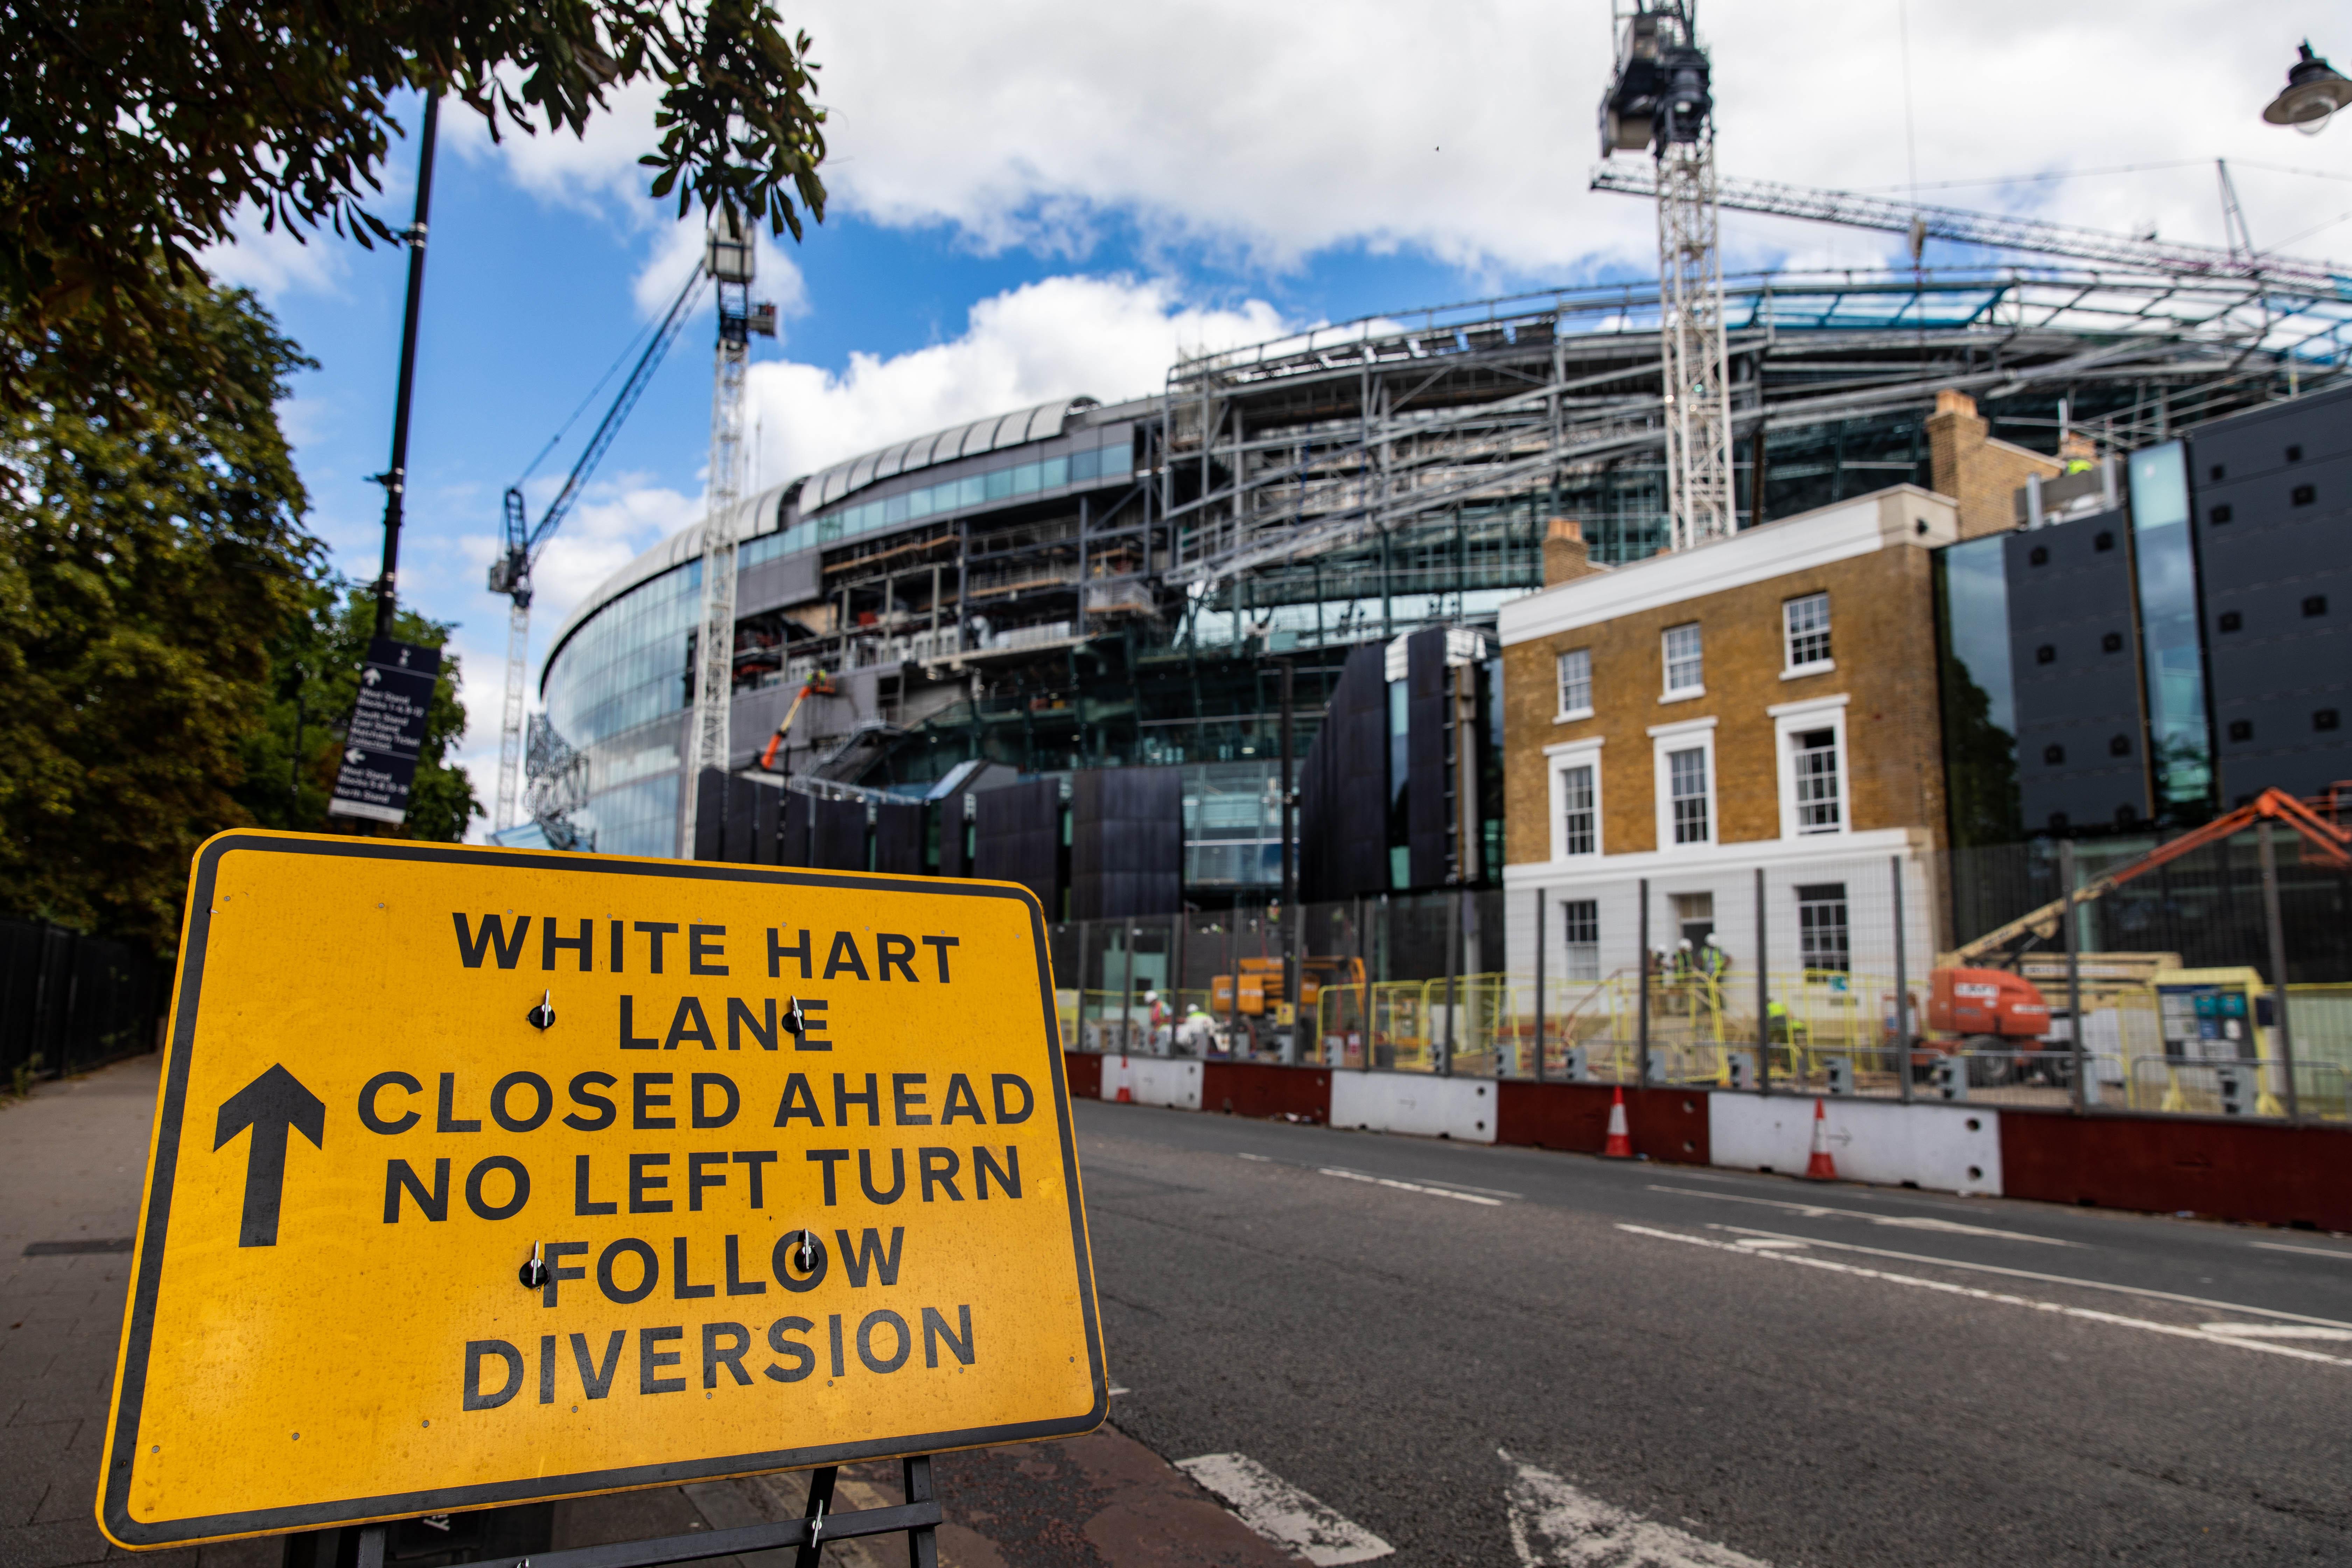 Rượu chè, cần sa đang hủy hoại Tottenham thế nào? - Bóng Đá